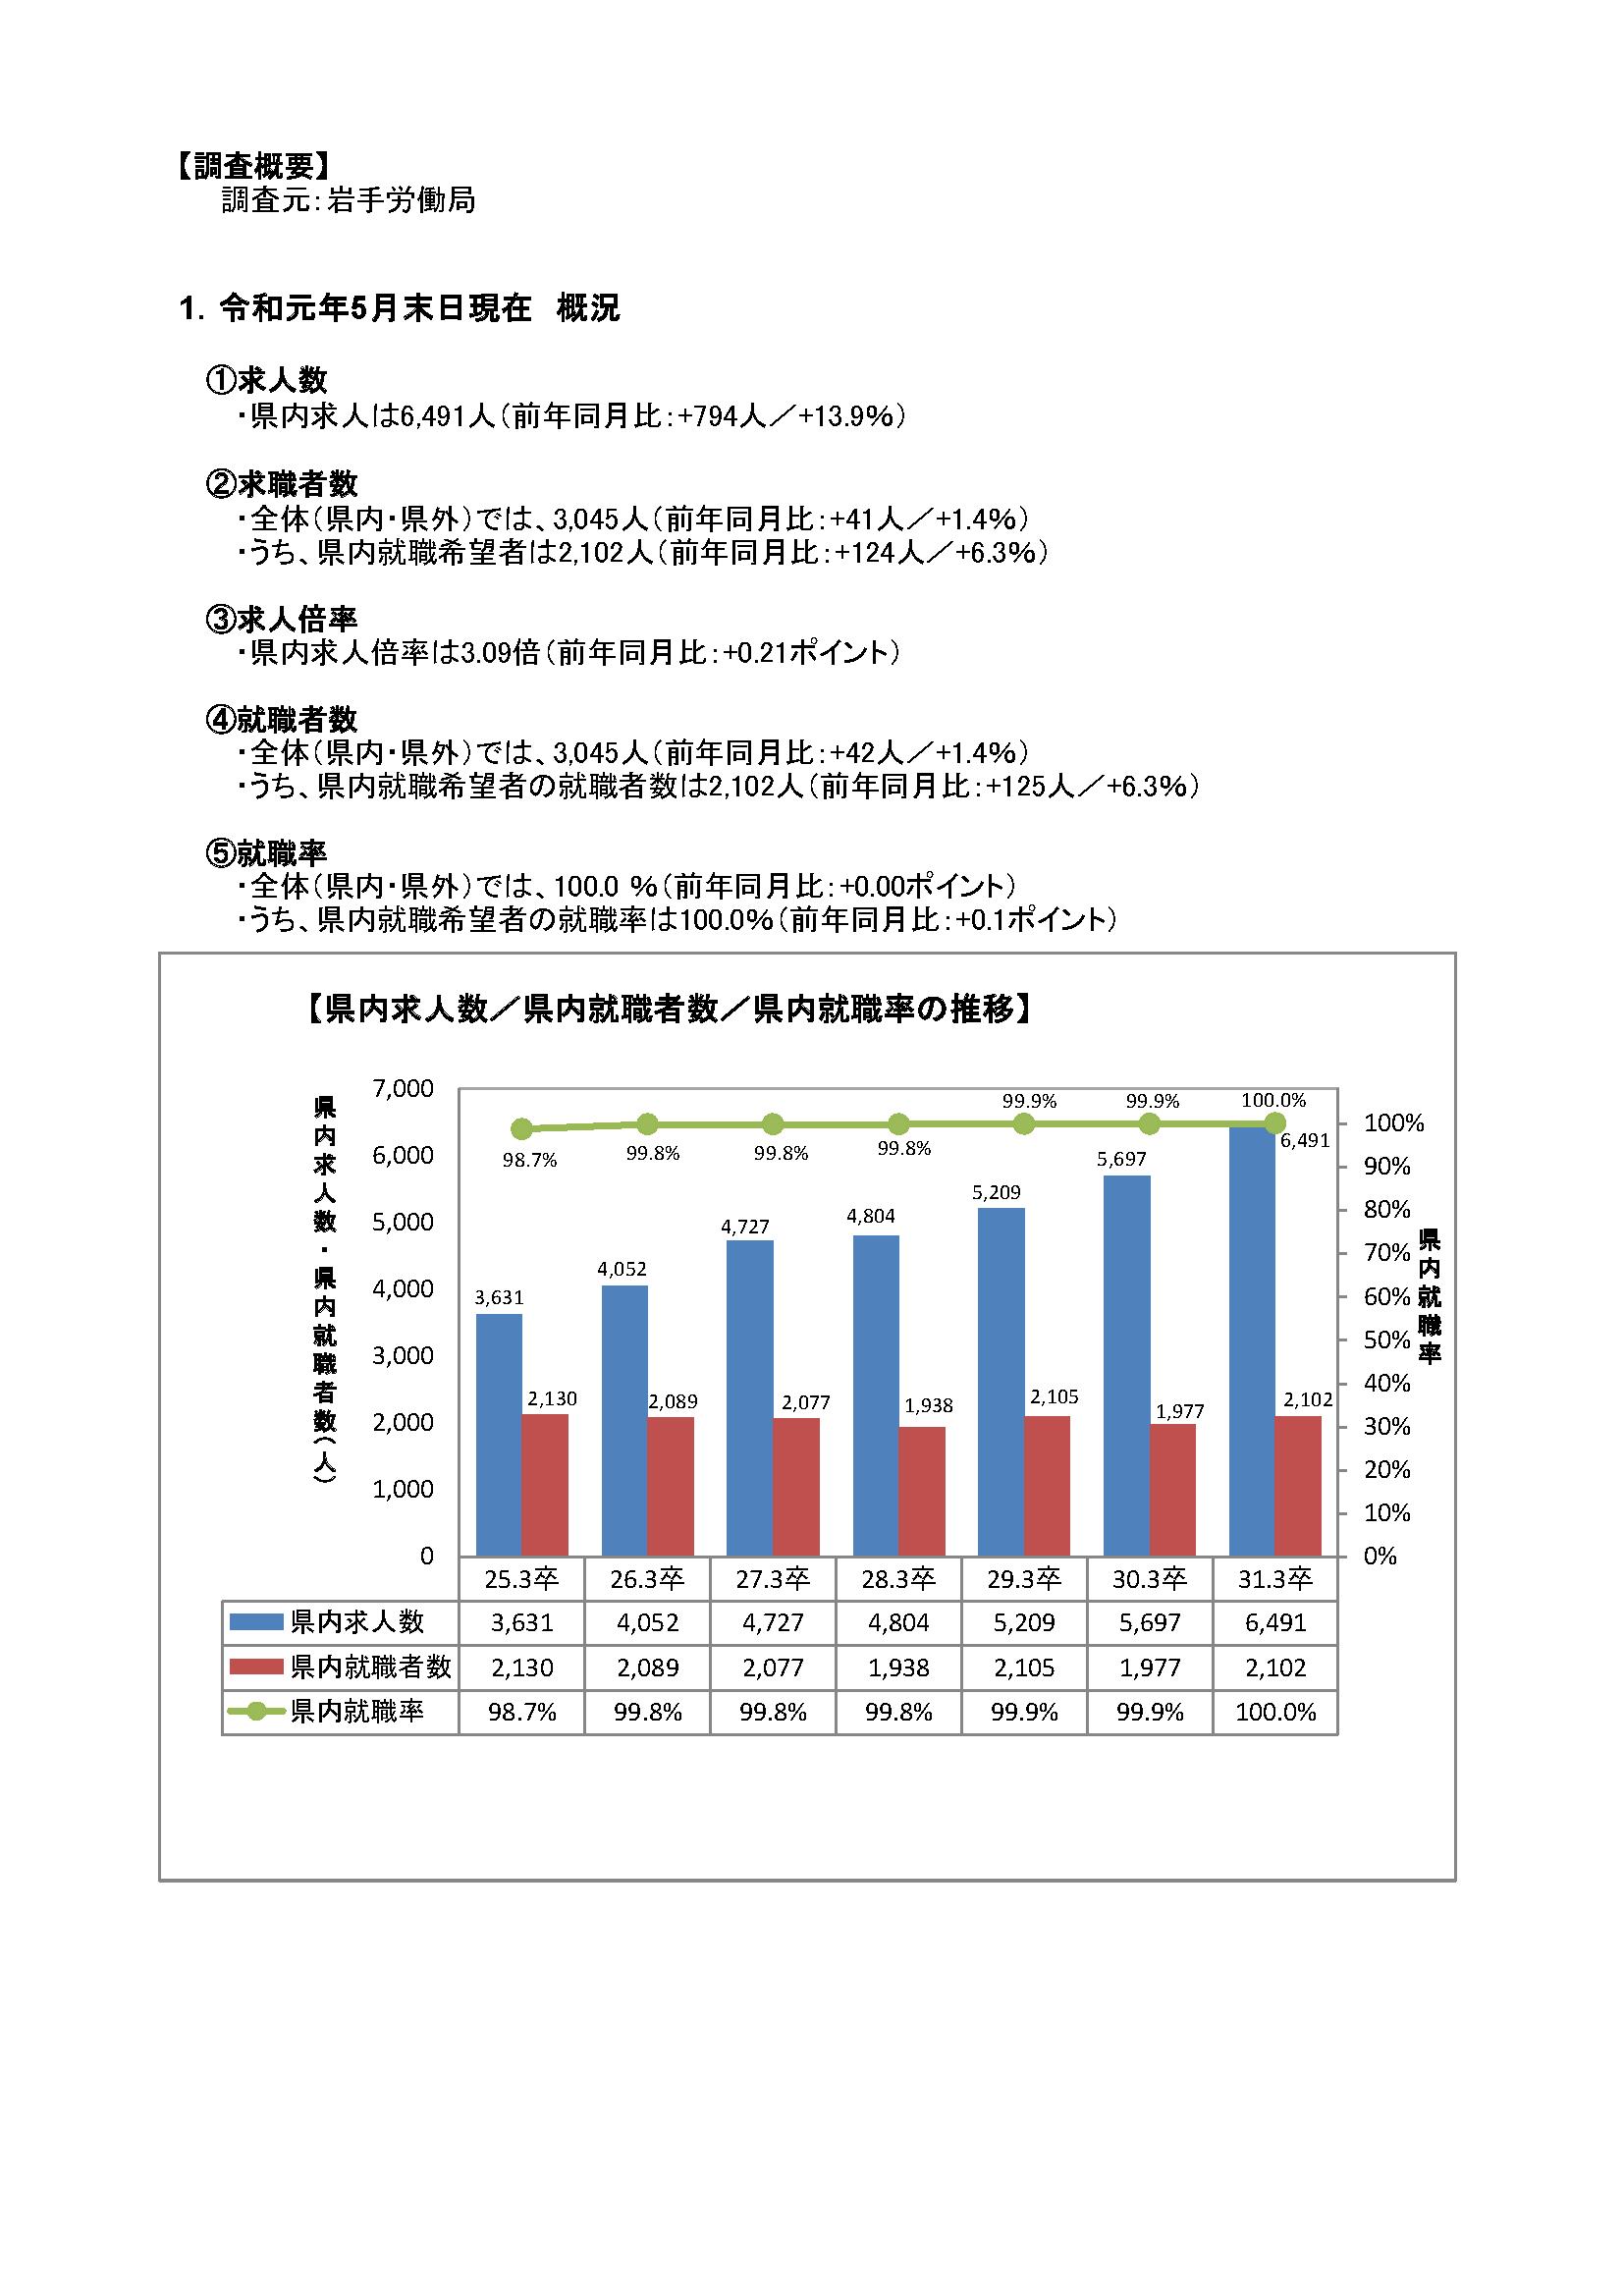 H31.3月高卒者職業紹介状況資料(201905月末現在)